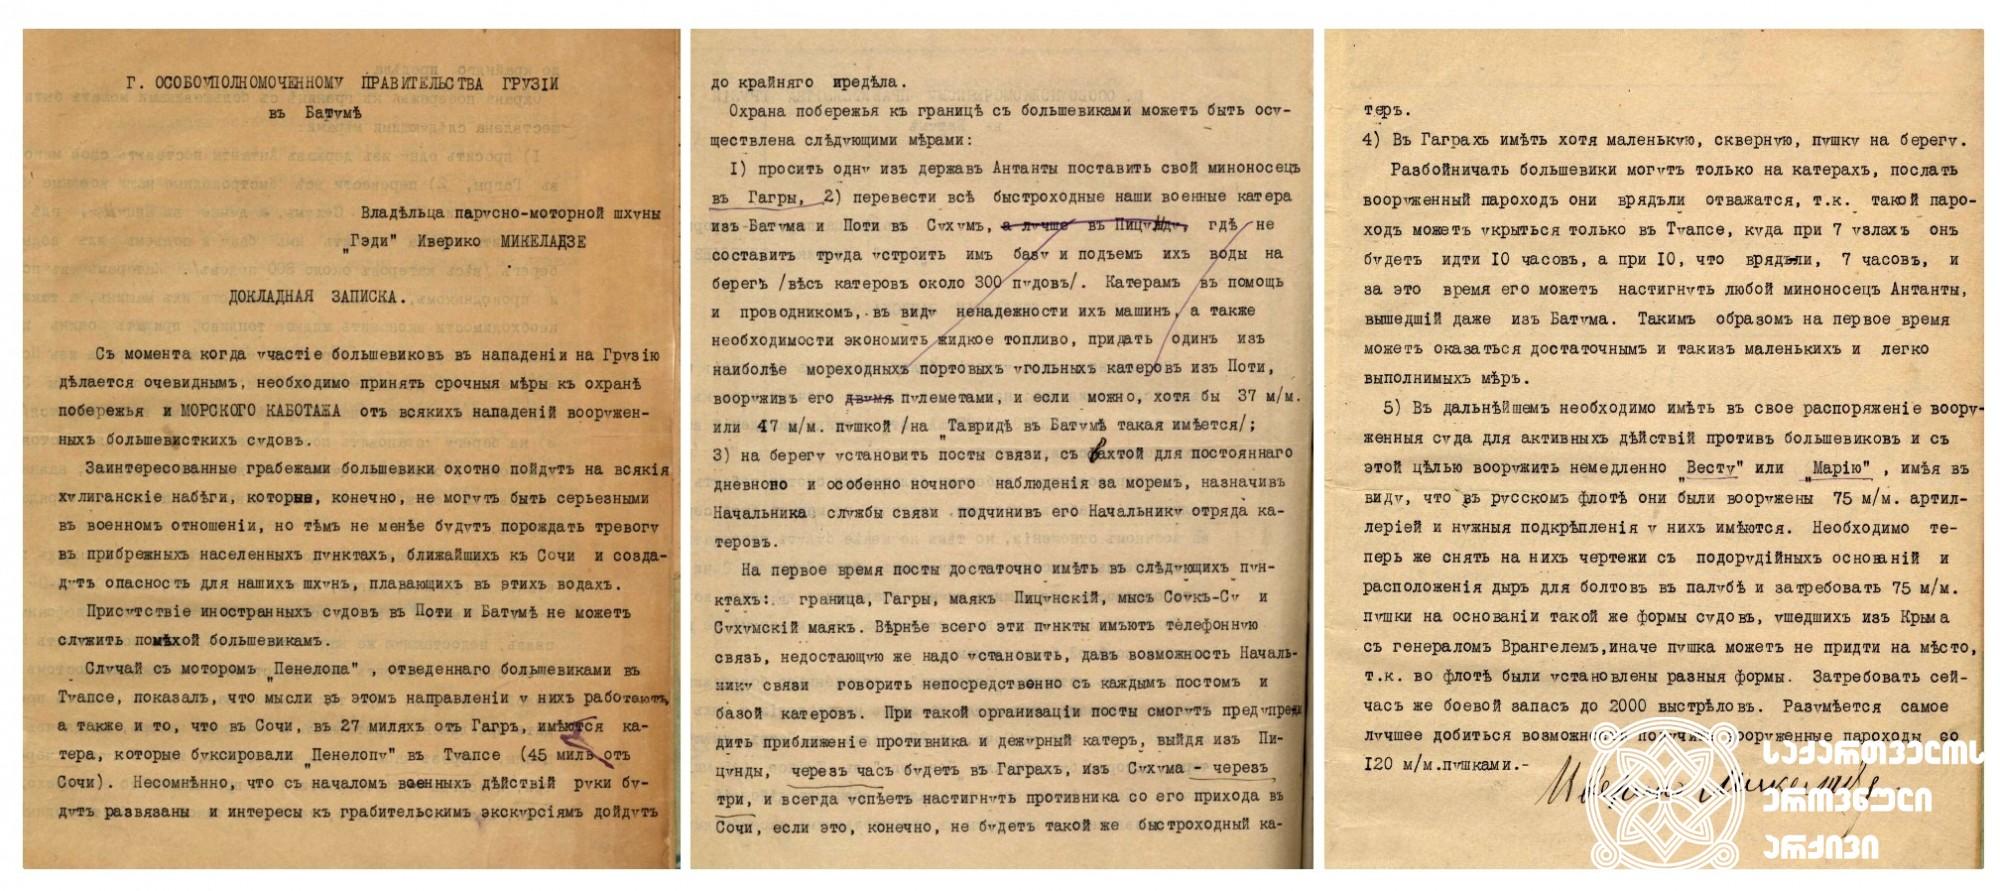 მეზღვაურ ივერიკო მიქელაძის მოხსენებითი ბარათი ბათუმის ოლქში მთავრობის რწმუნებულ გრიგოლ გიორგაძისადმი საზღვაო ძალების ტაქტიკის შესახებ. <br> 1921 წლის თებერვალი. <br> Sailor Iveriko Mikeladze's memorandum to Grigol Giorgadze, Government Representative in Batumi District, on the tactics of naval action. <br> February 1921.